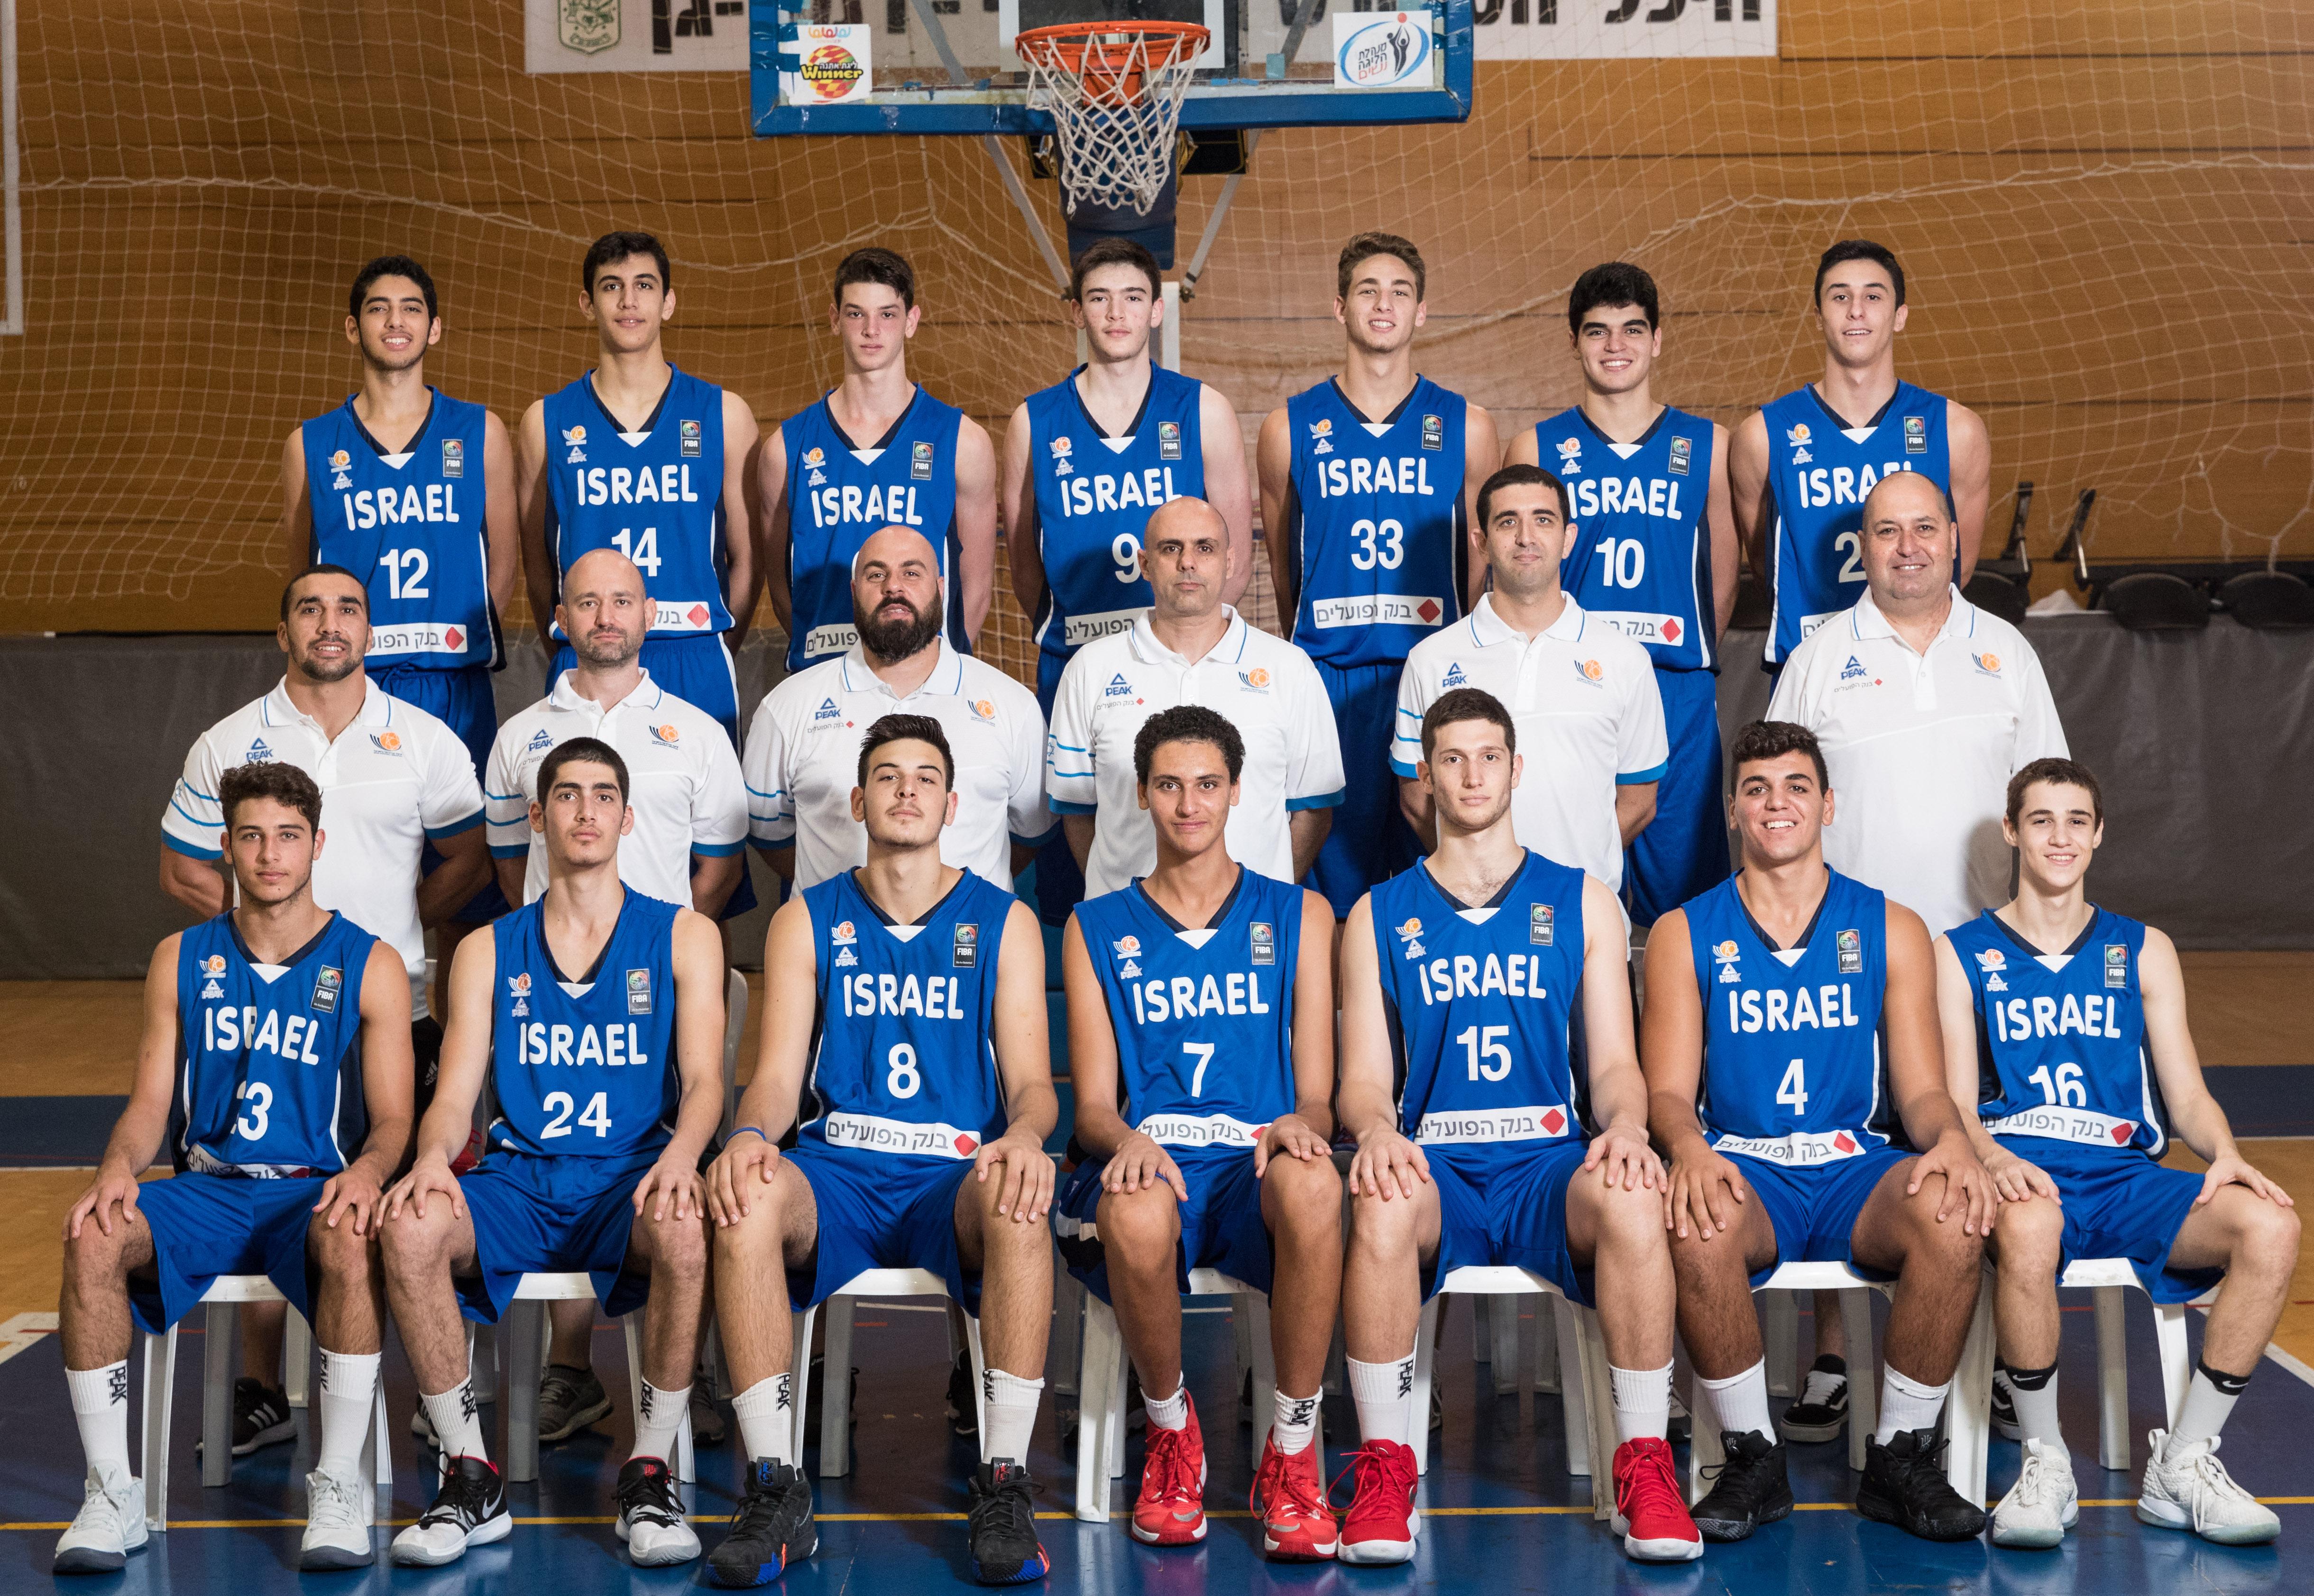 הקדטים יוצאים לשני משחקי הכנה נגד יוון לקראת אליפות אירופה דרג א'